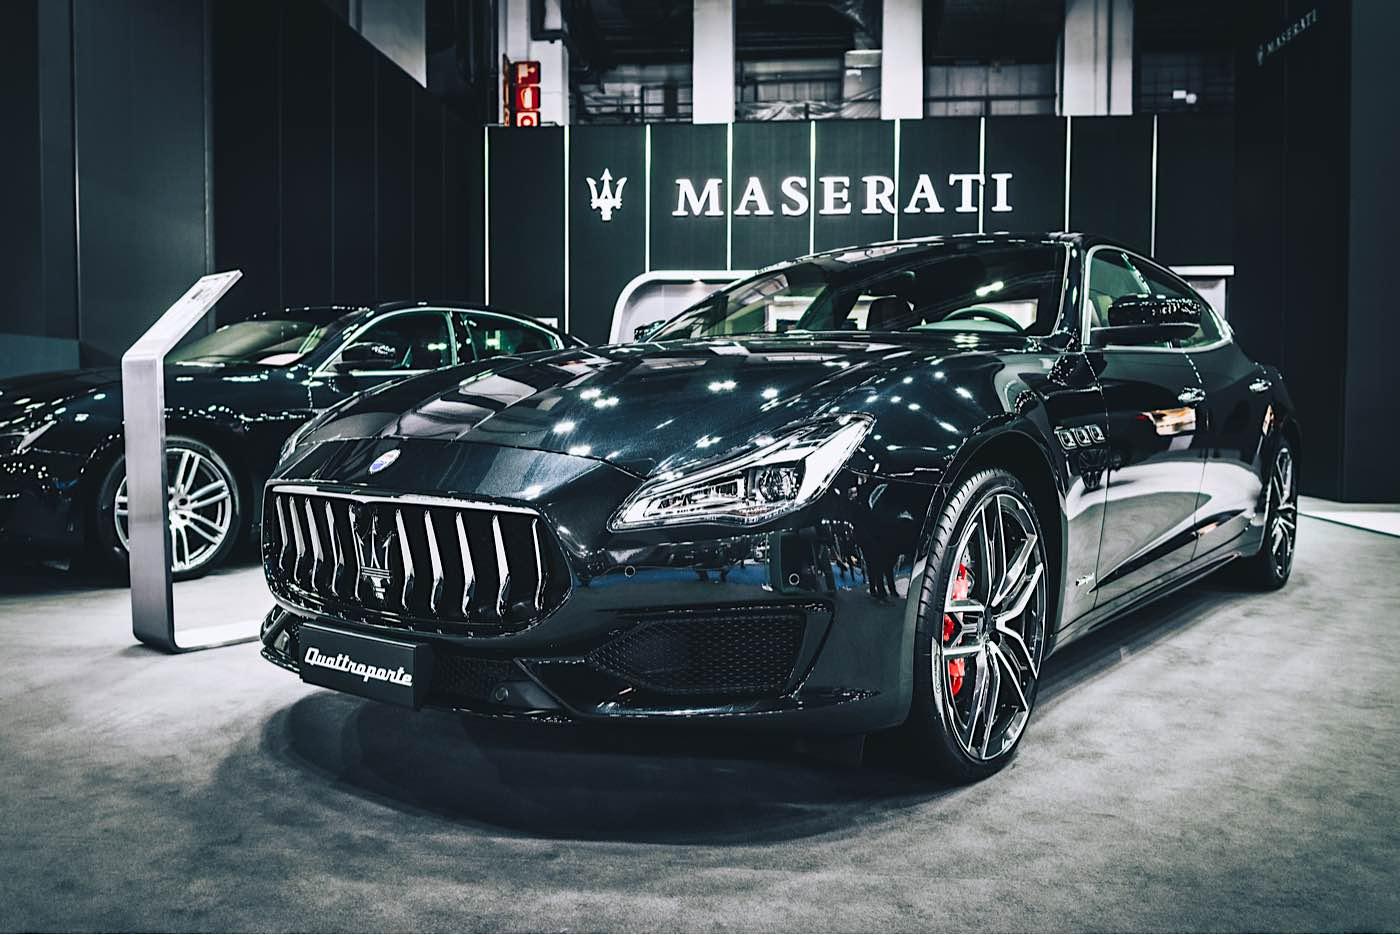 Maserati presenta Nettuno: el nuevo motor 100% Maserati que adopta la tecnología de la F1 para un vehículo de carretera